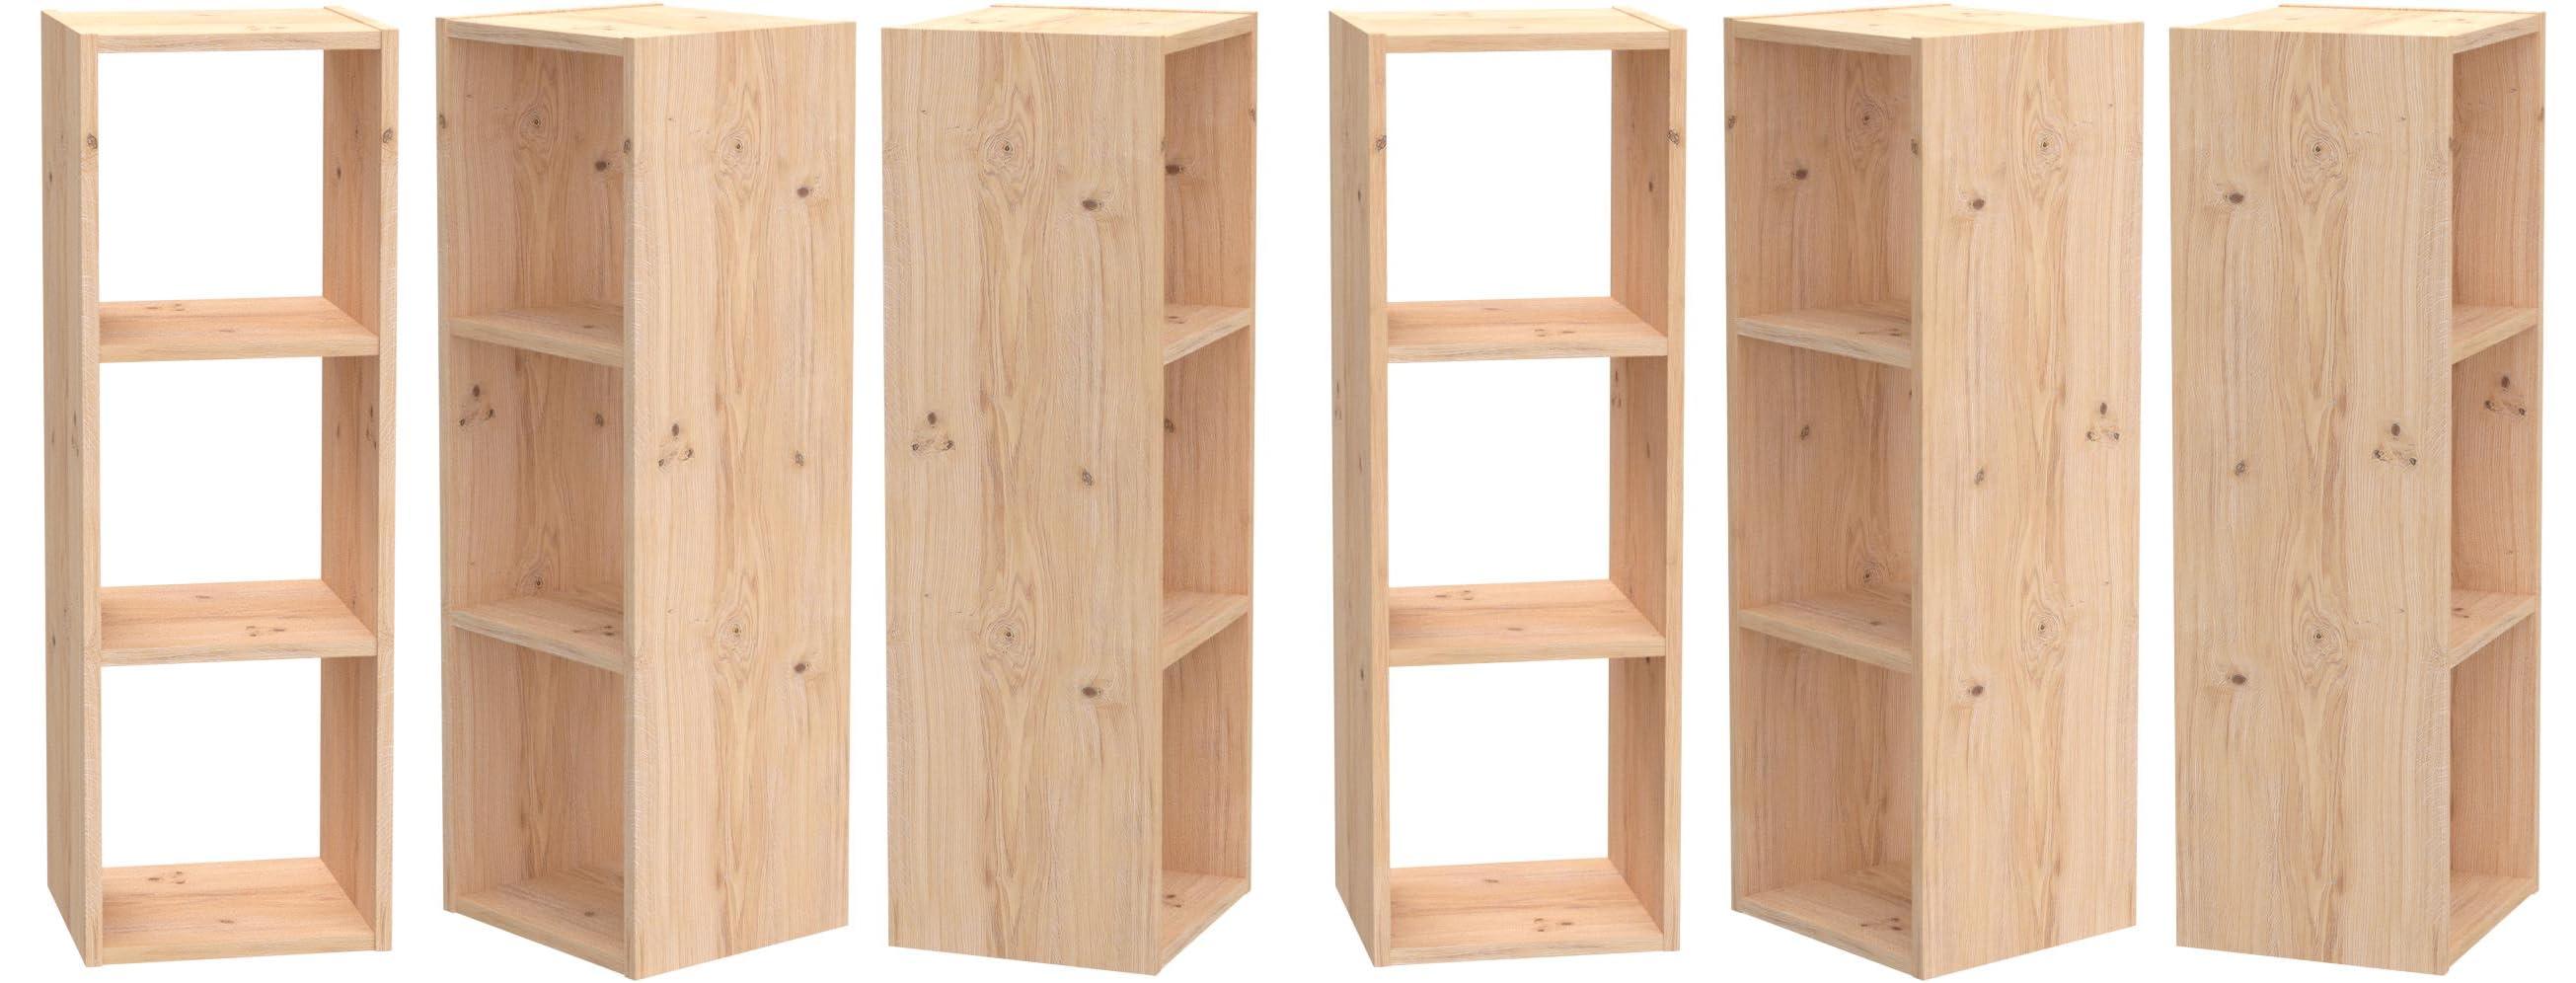 ASTIGARRAGA KIT LINE Estantería modular 3 cubos DINAMIC